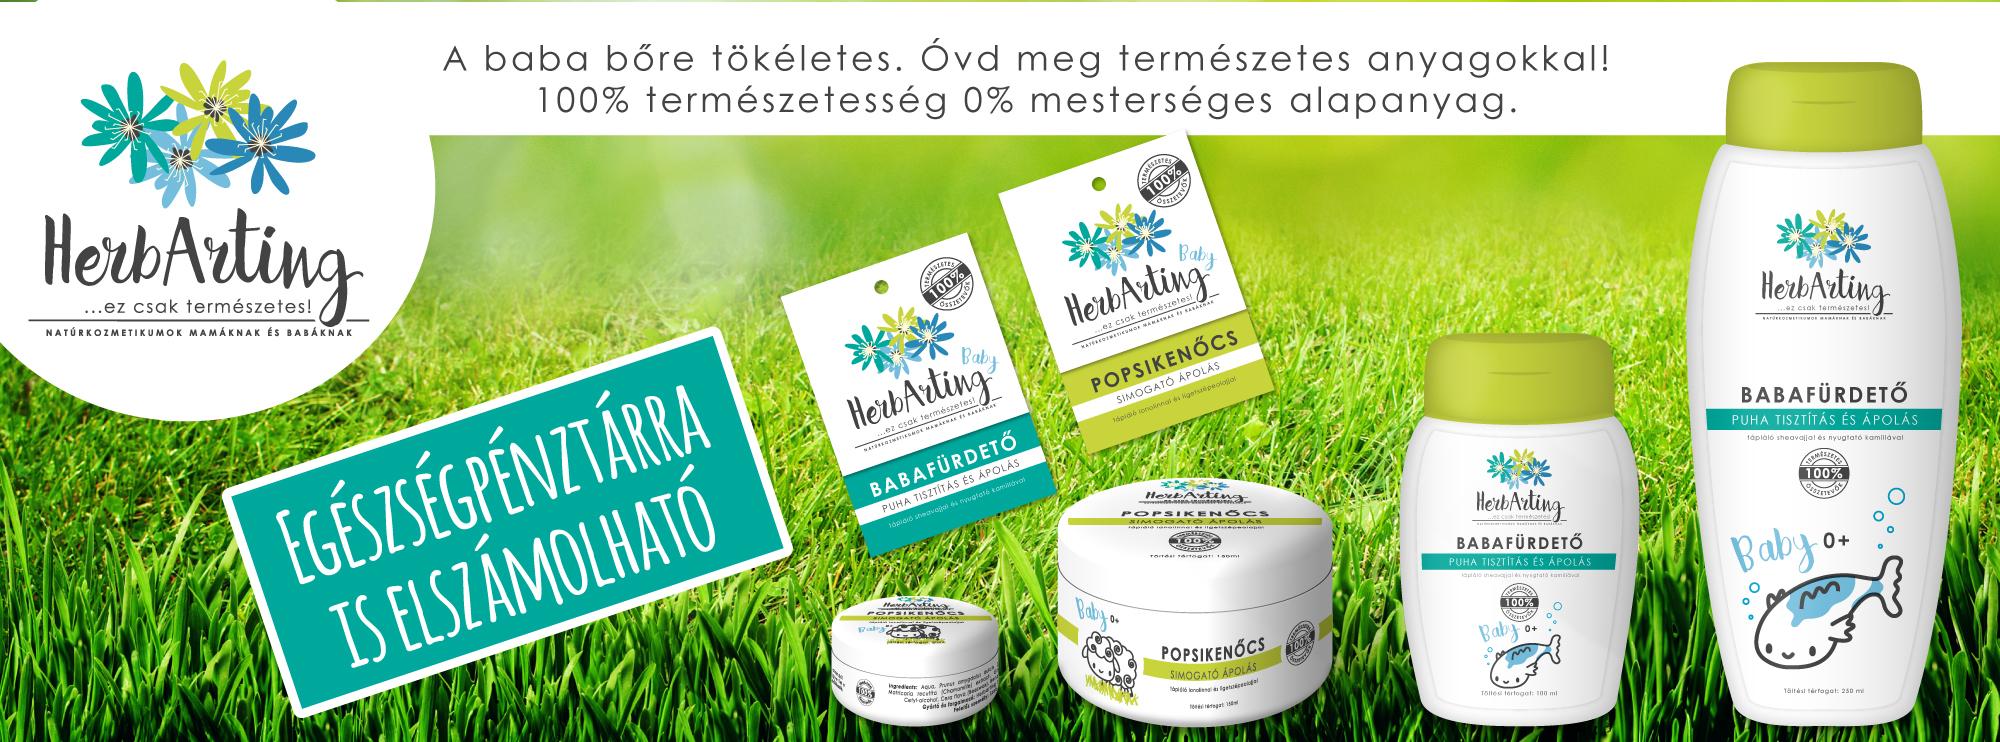 HerbArting Natúrkozmetikumok Egészségpénztár